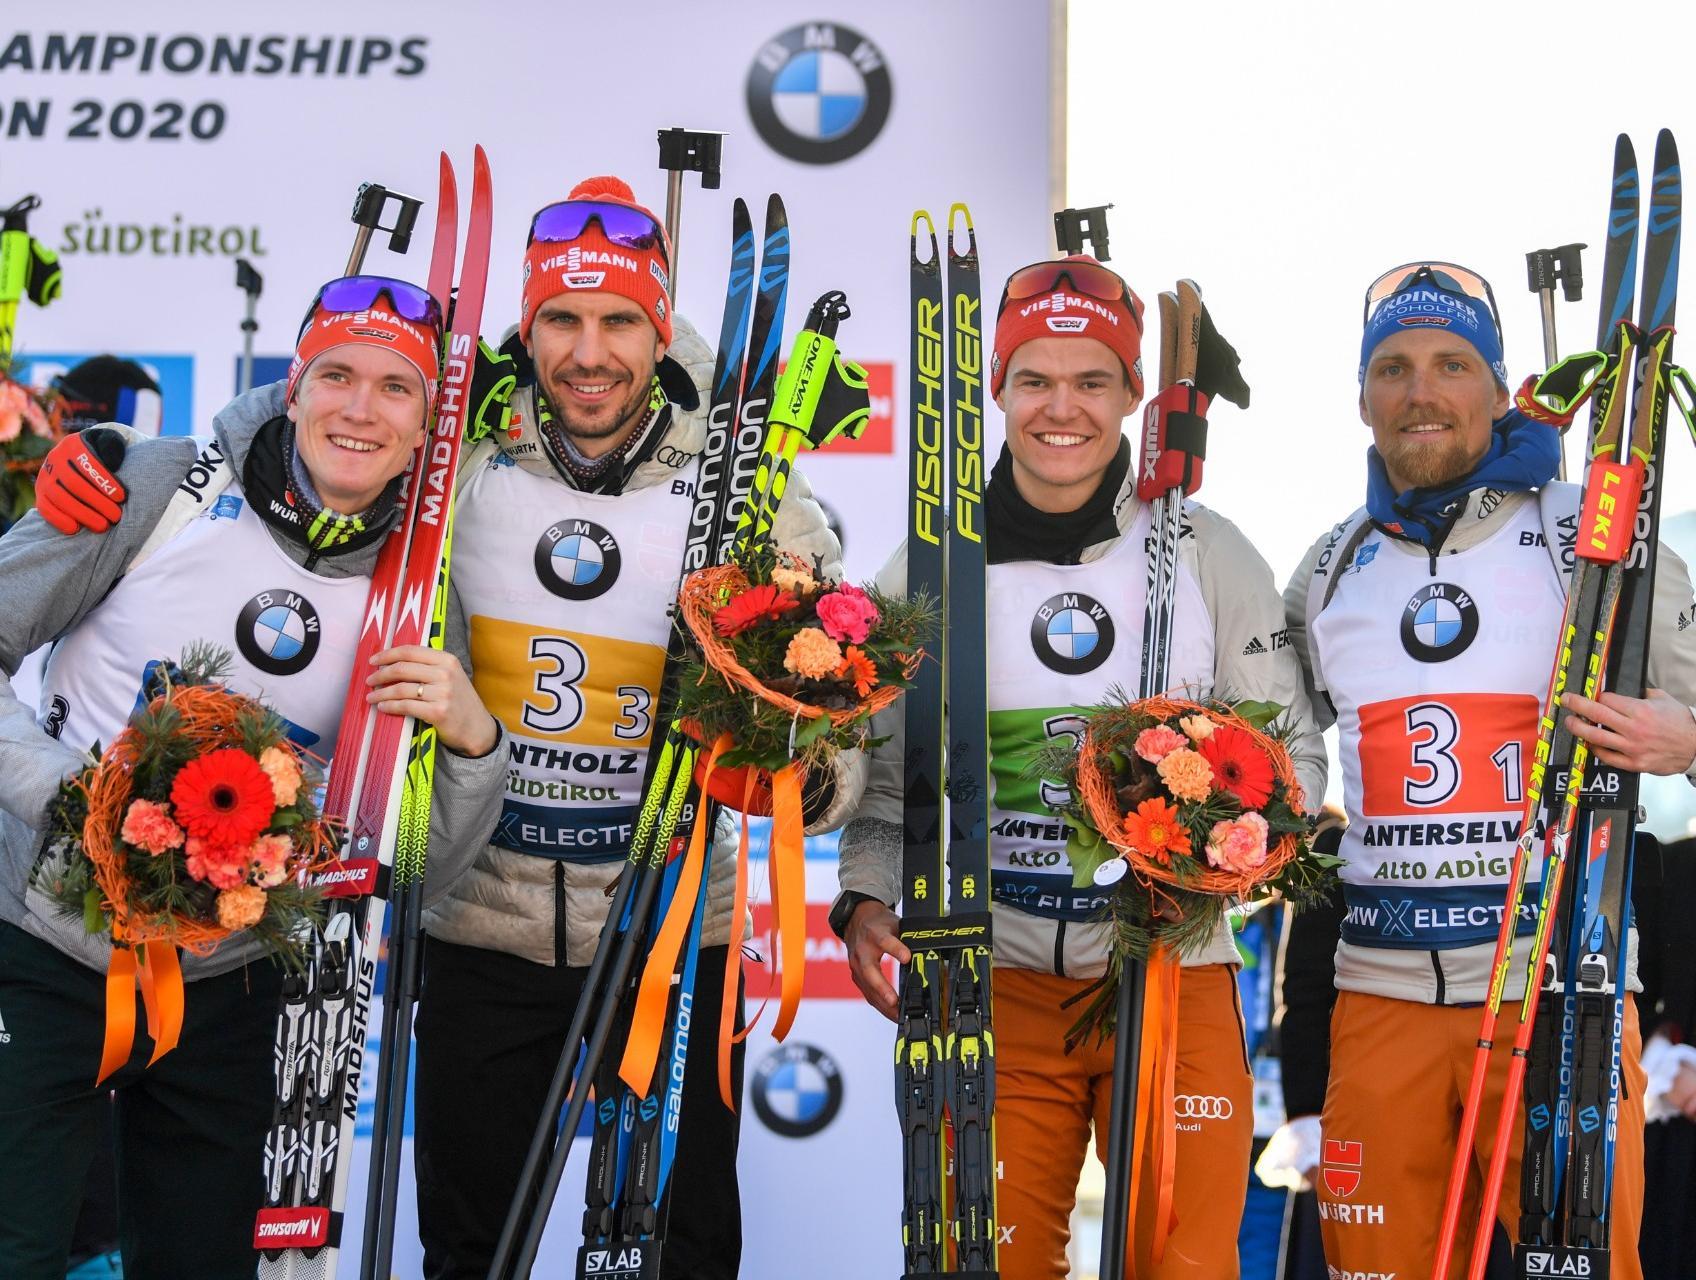 Biathlon Wm Hochfilzen 2021